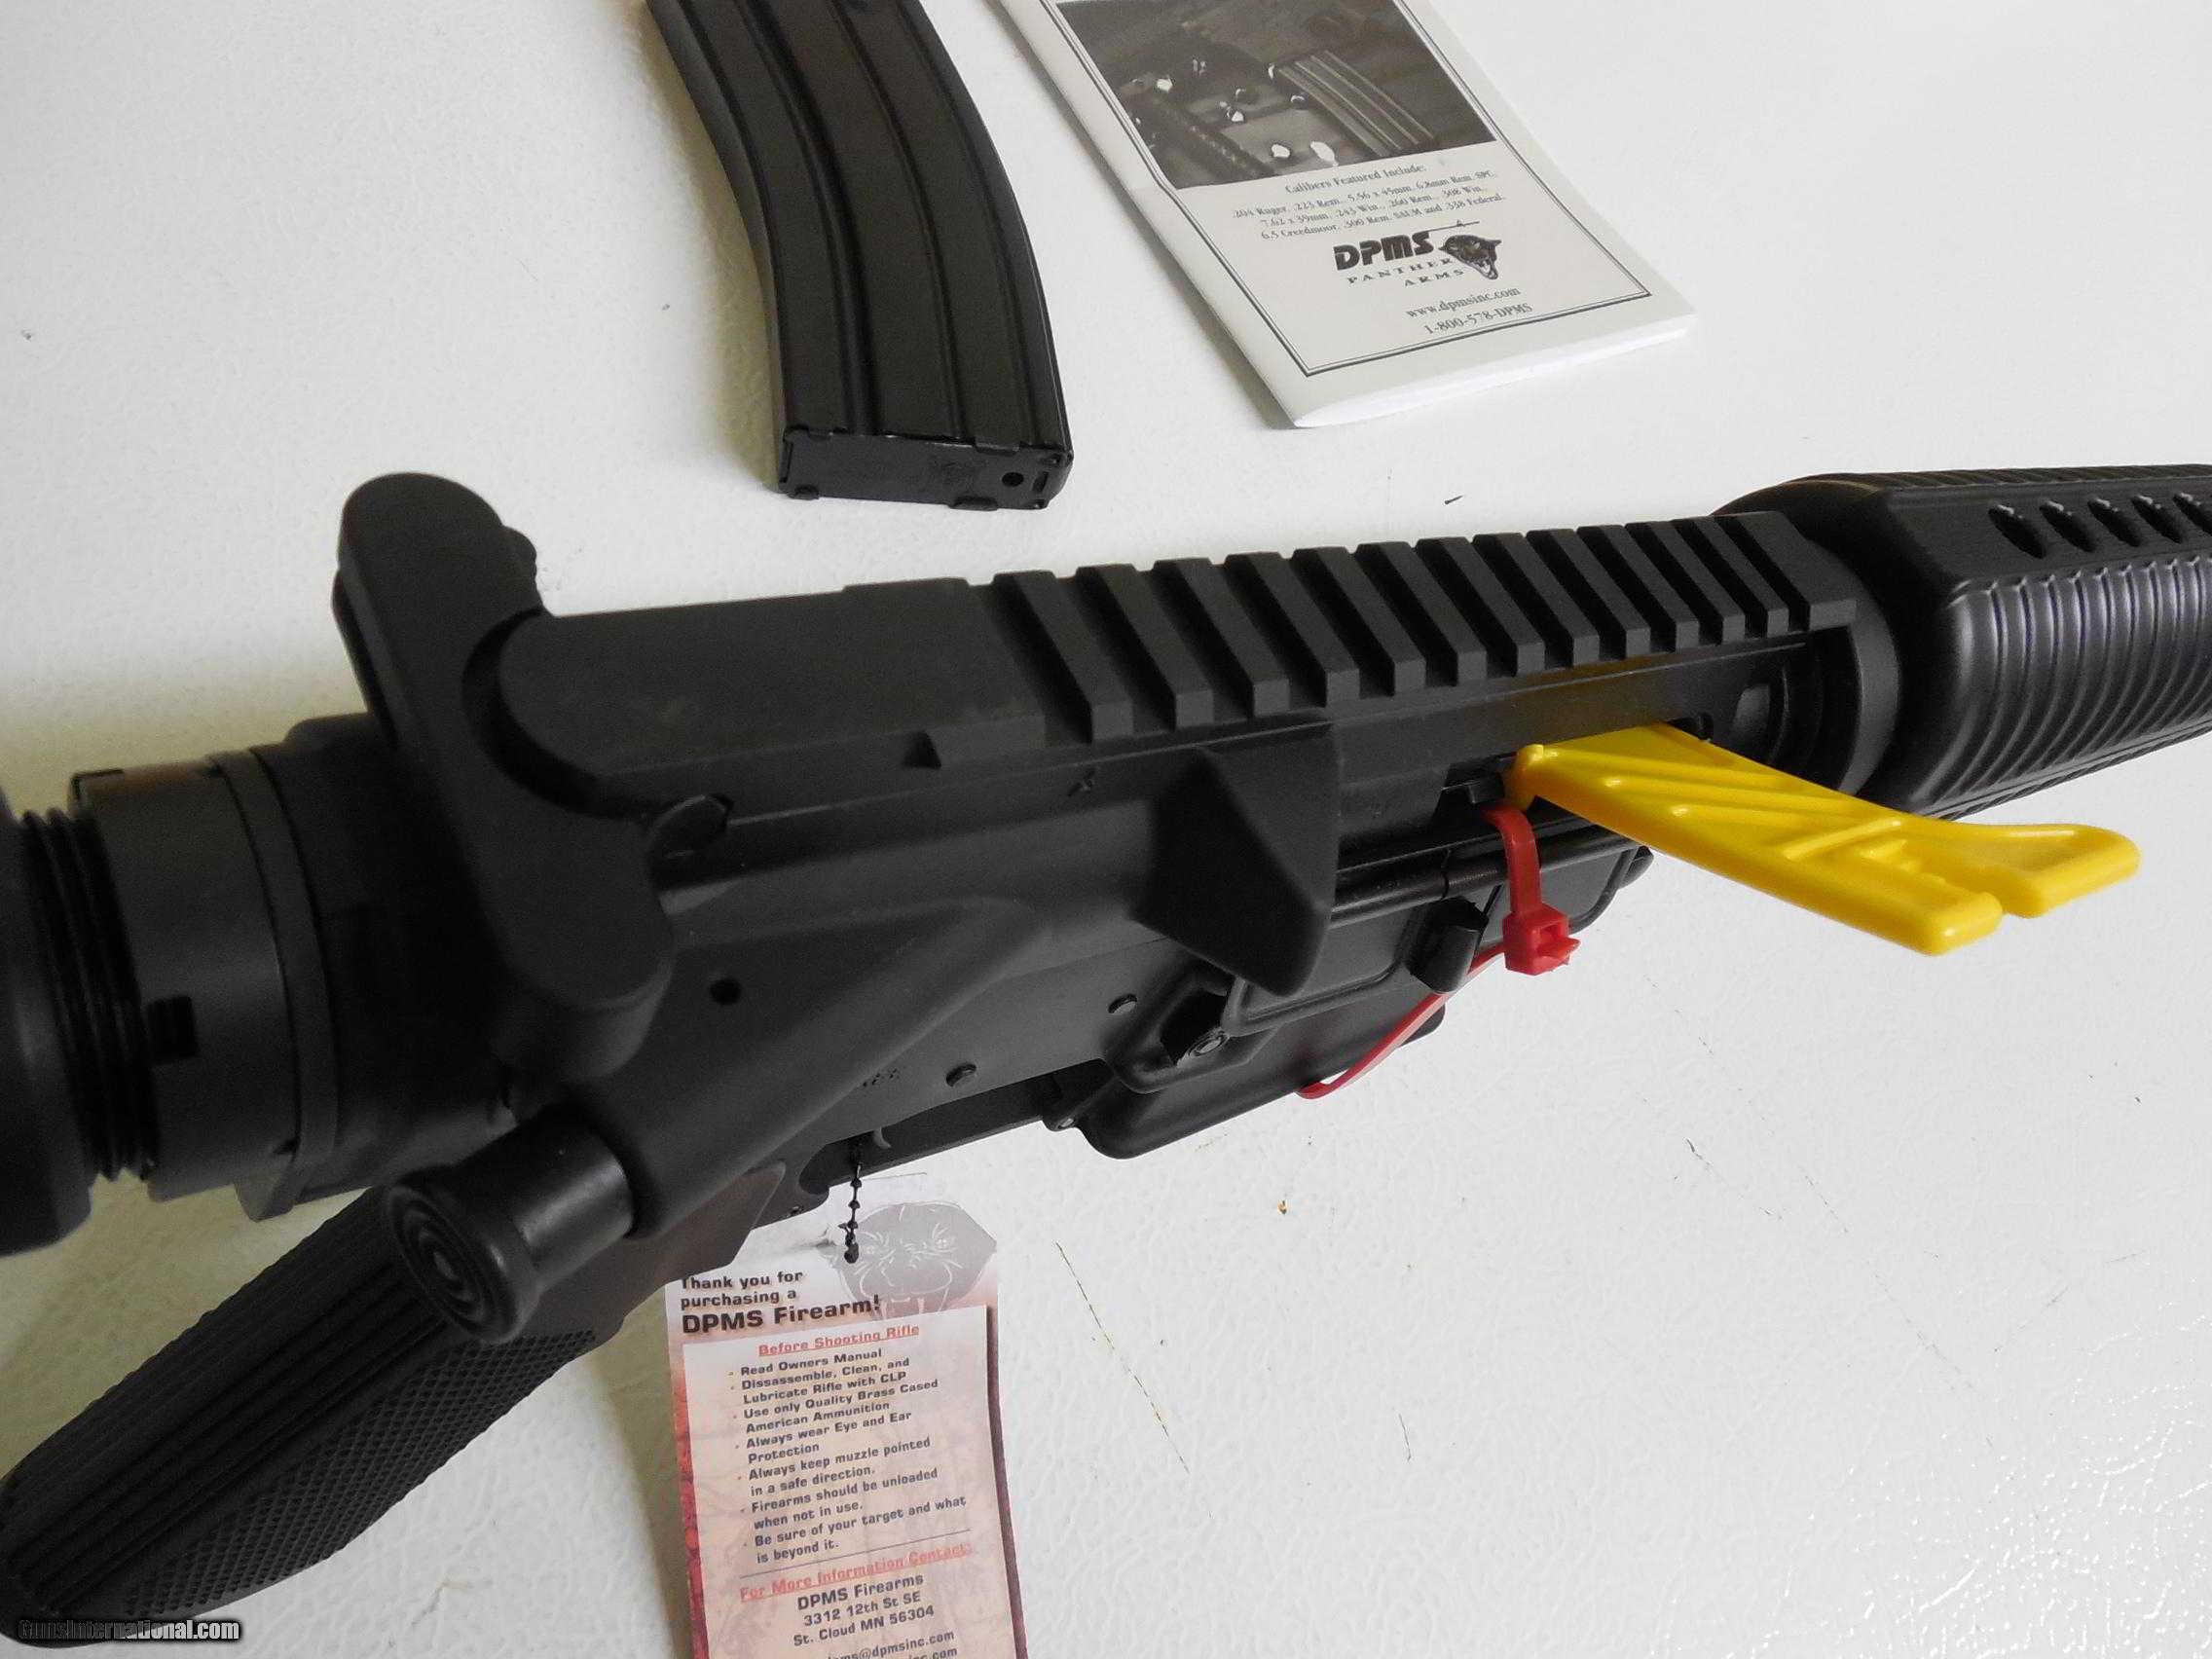 d p m s oracle ar 15 5 56 nato 223 mags 1 30 1 10 rd rh gunsinternational com DPMS Oracle AR-15 DPMS AR- 10